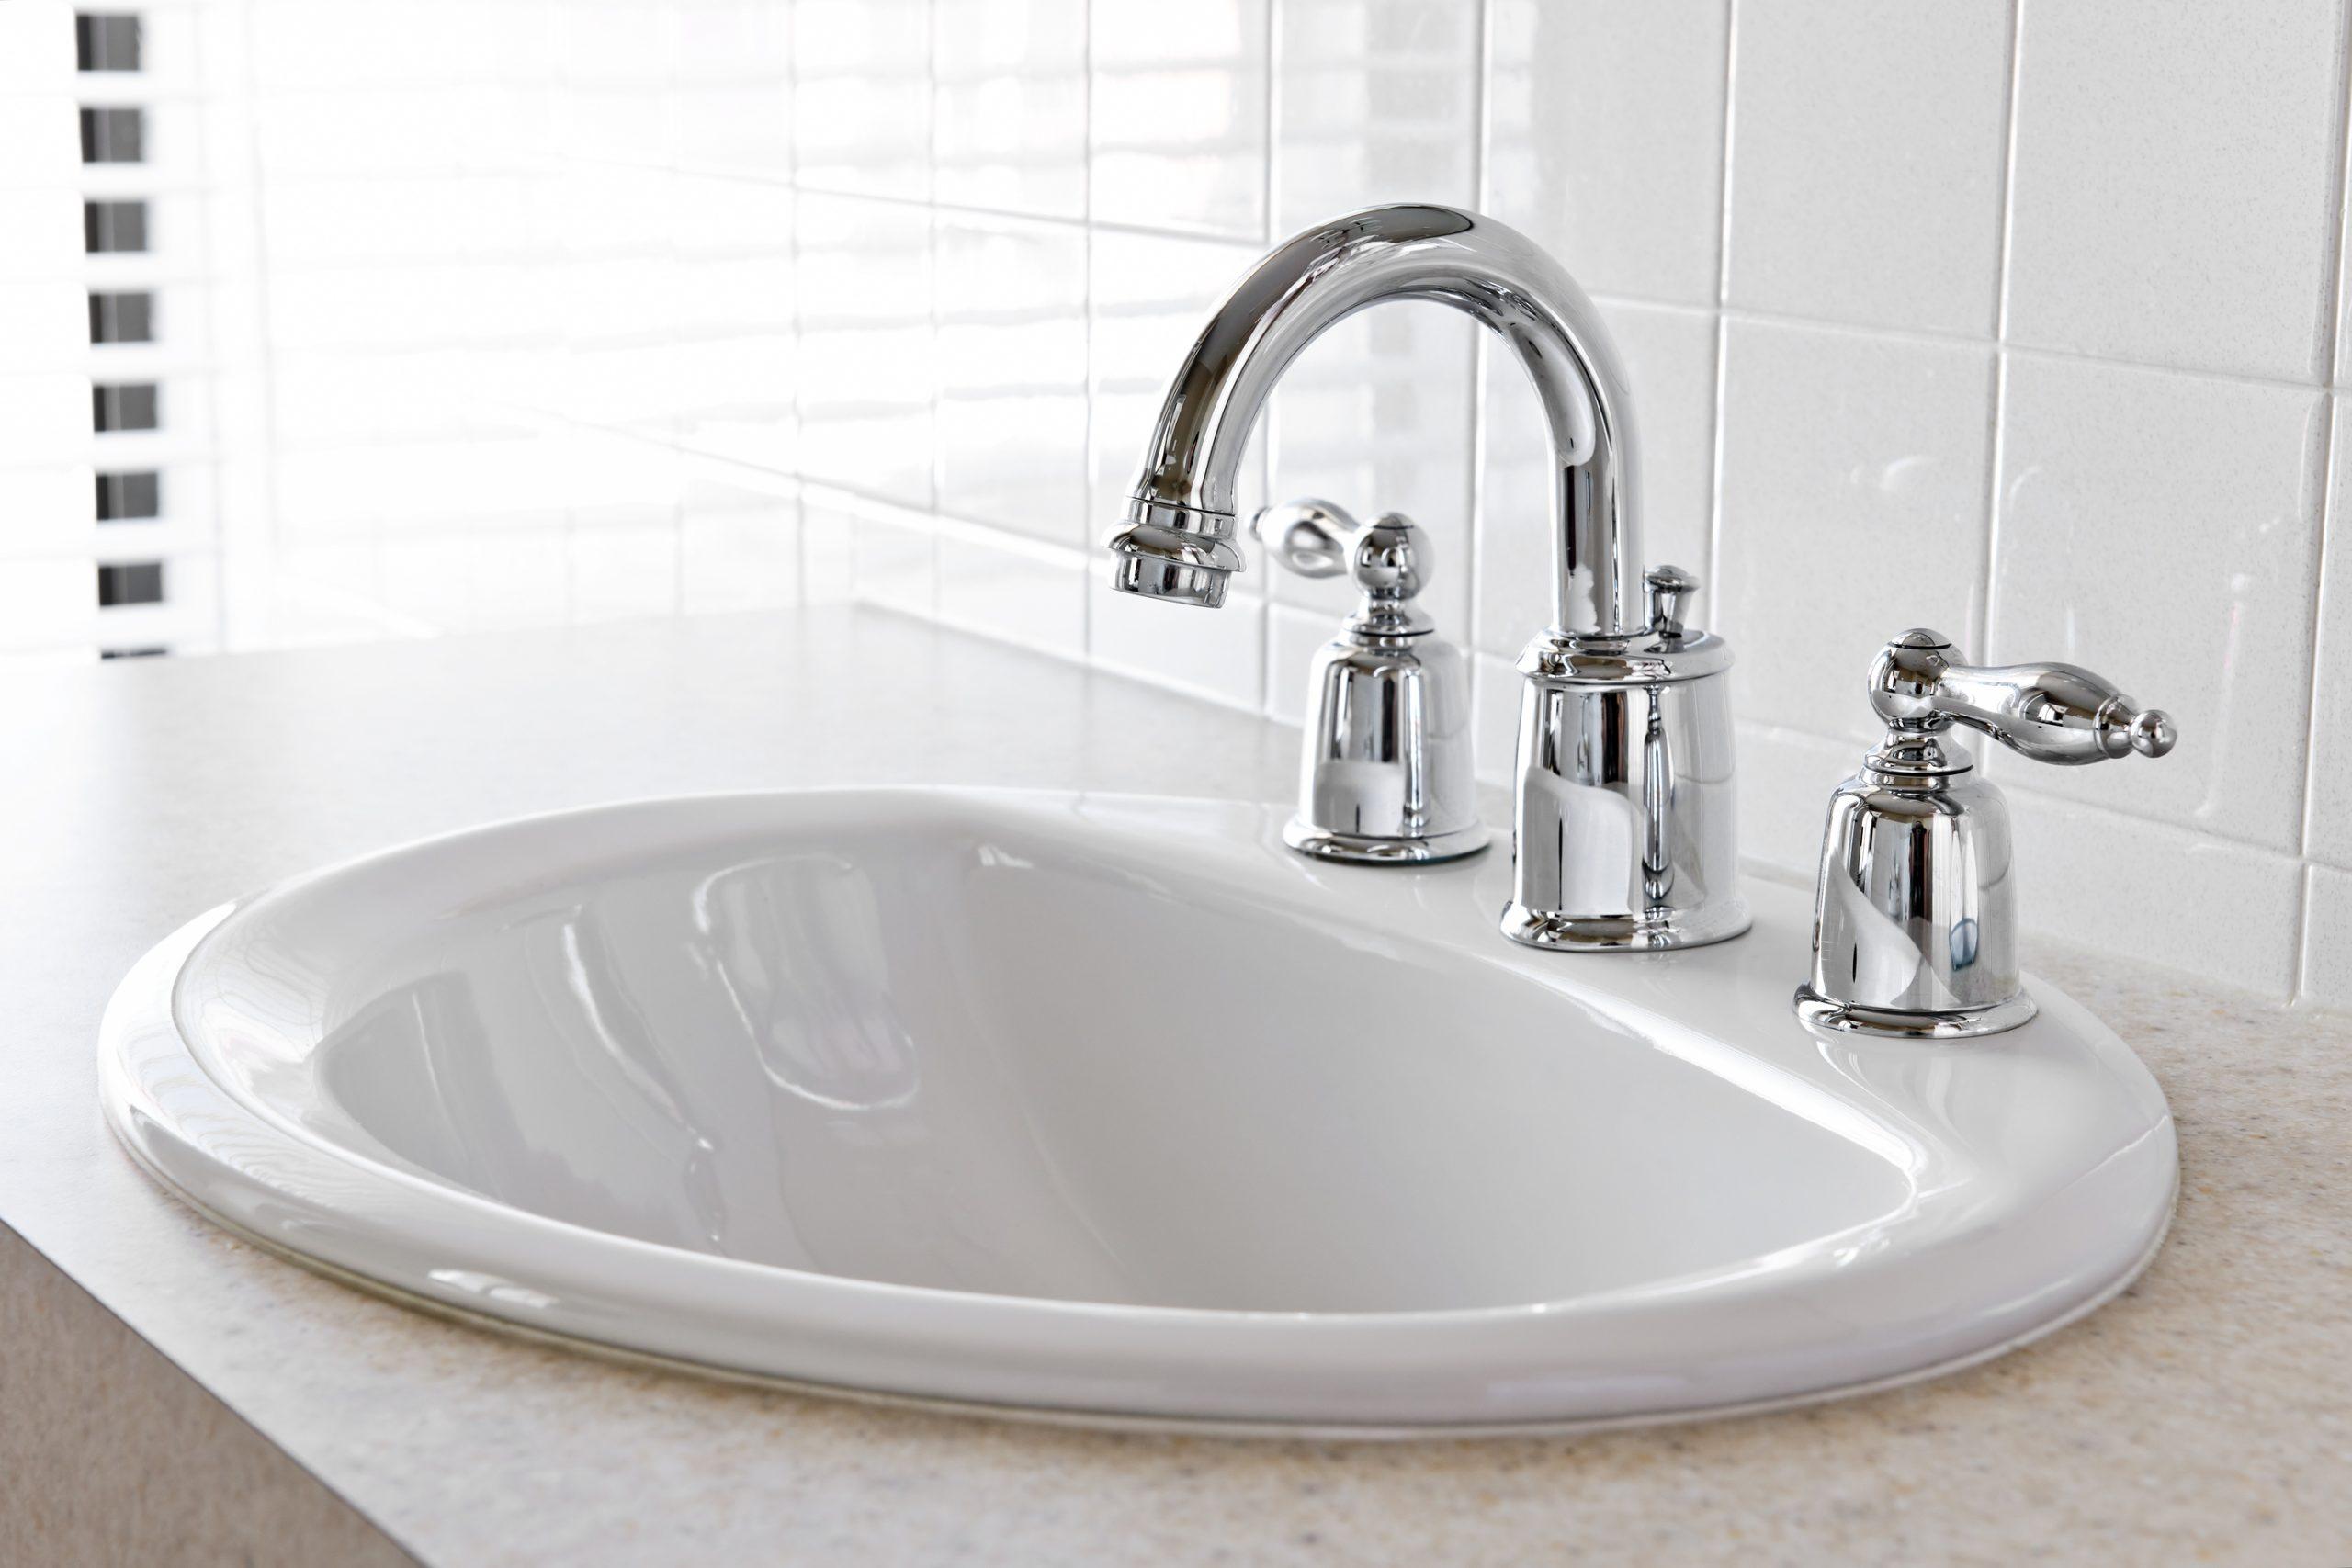 Aberdeen bathroom plumbing